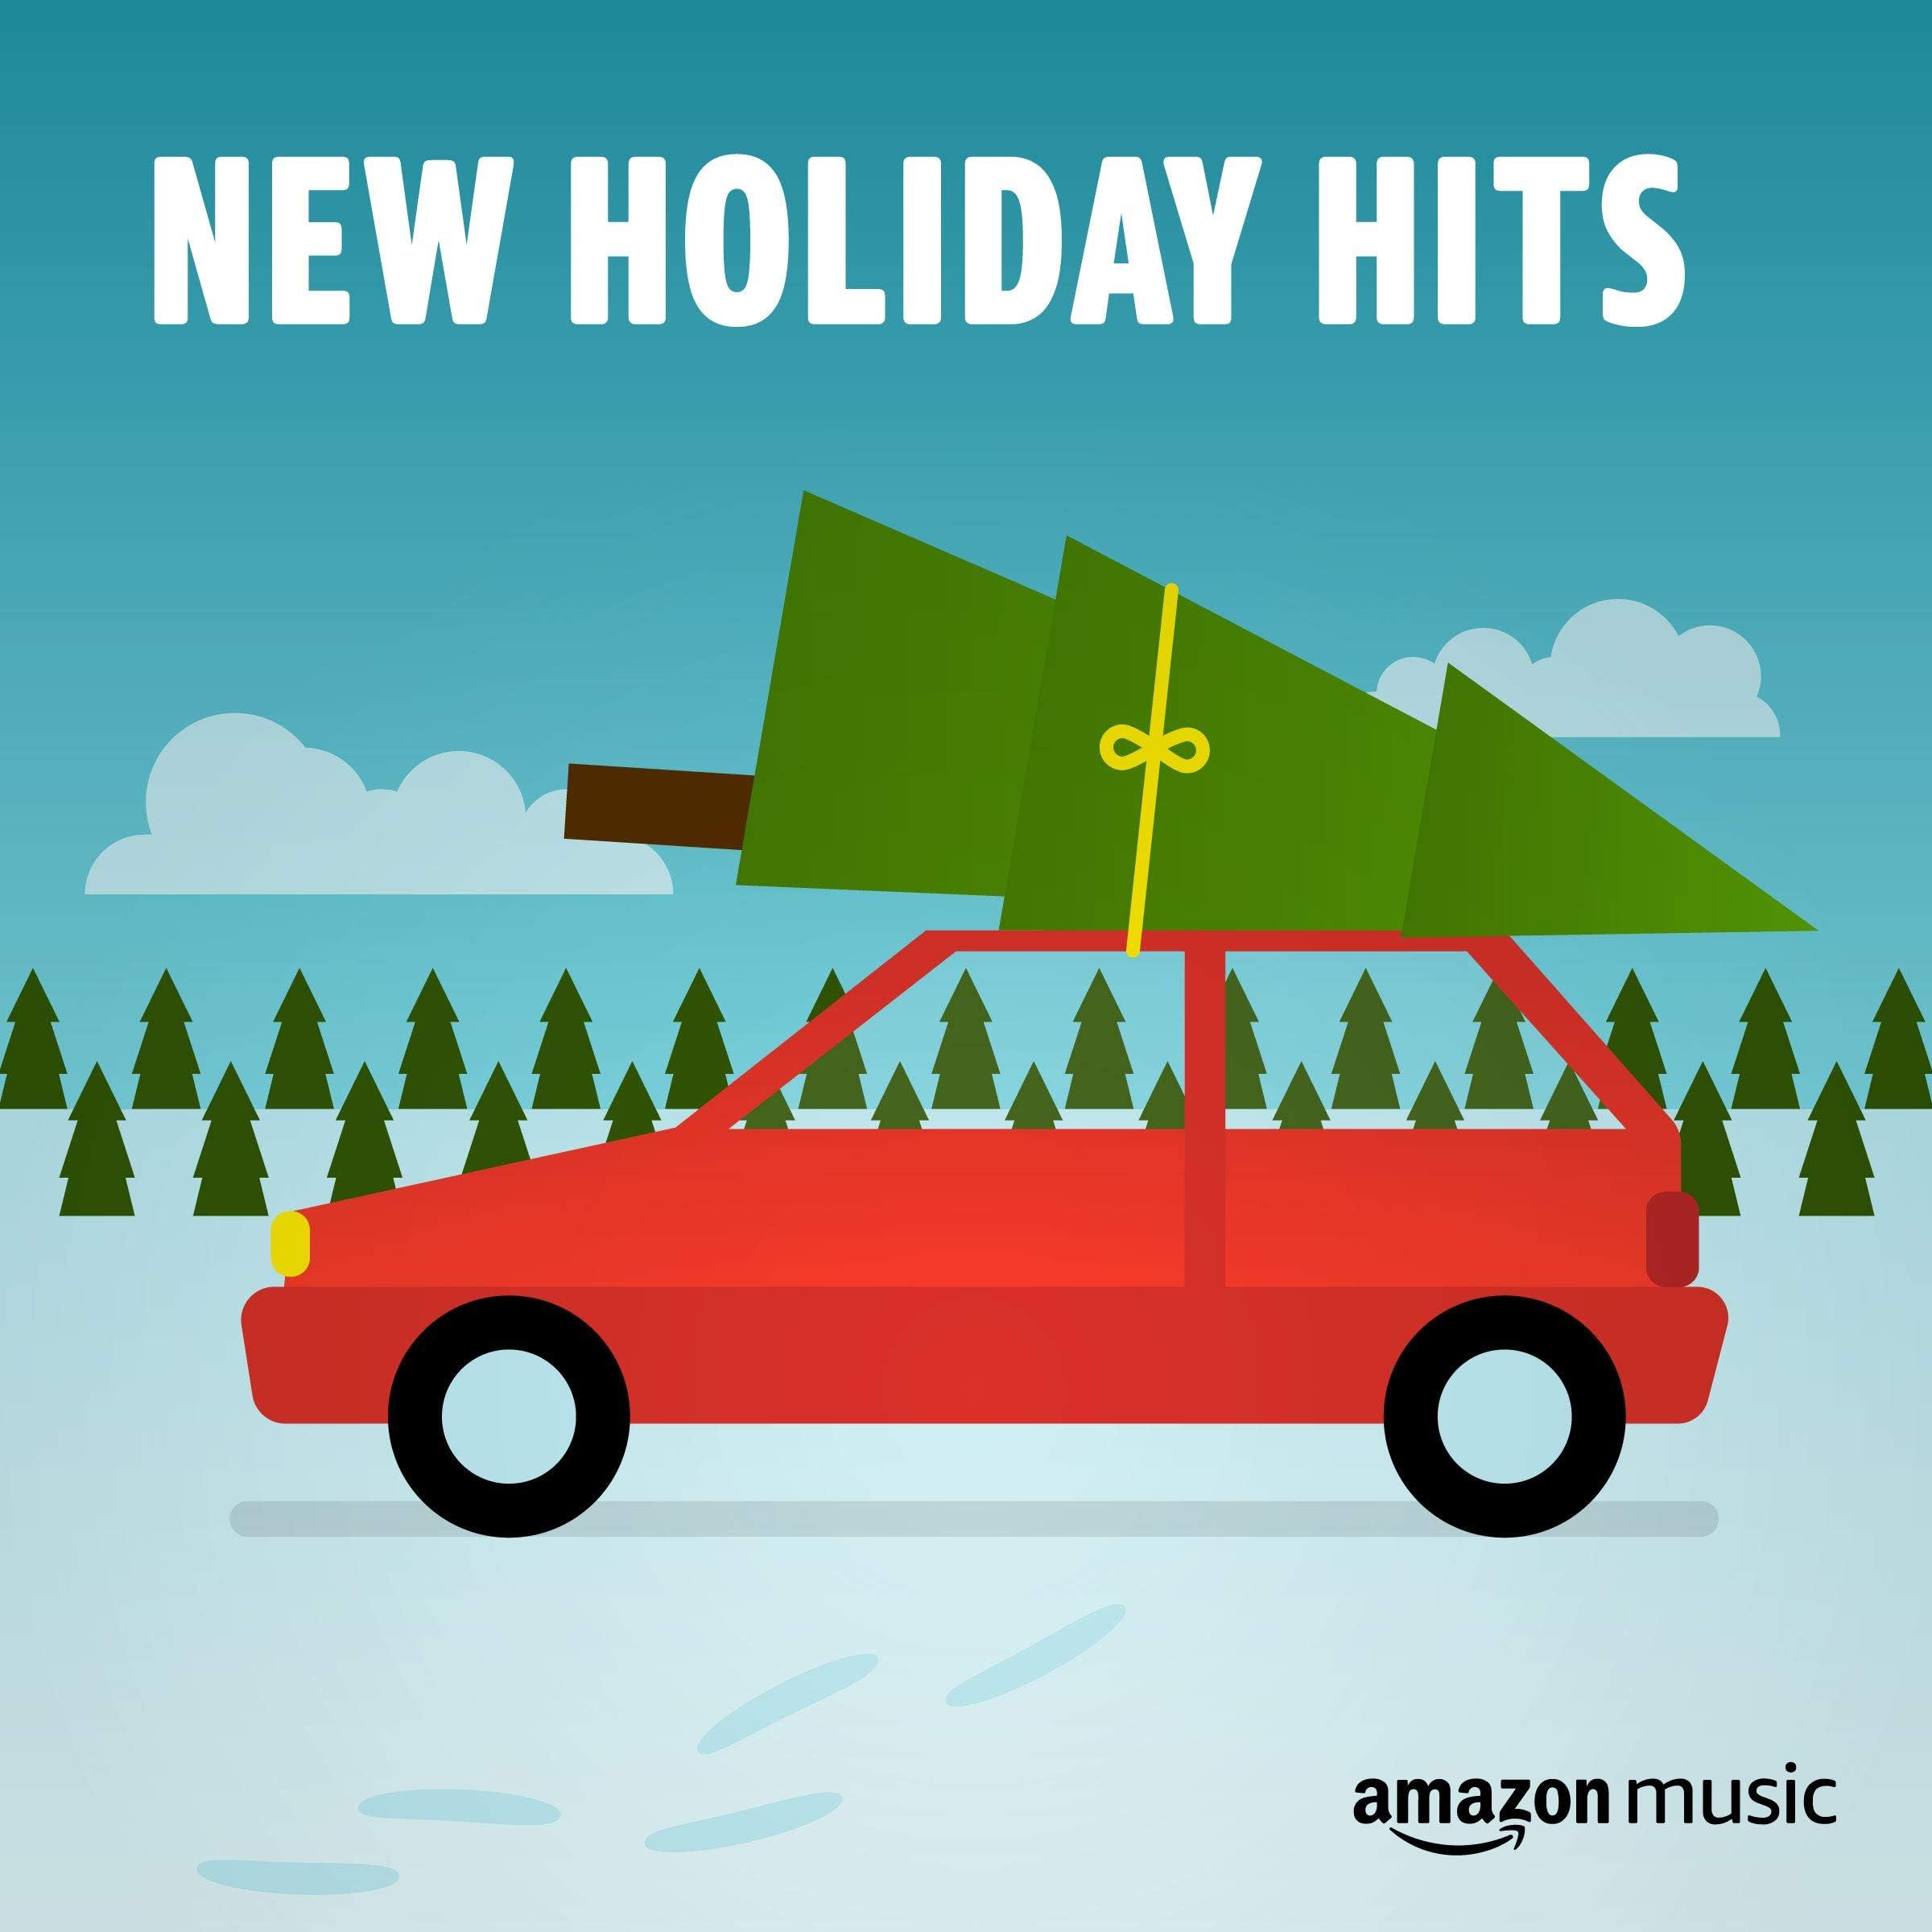 New Holiday Hits